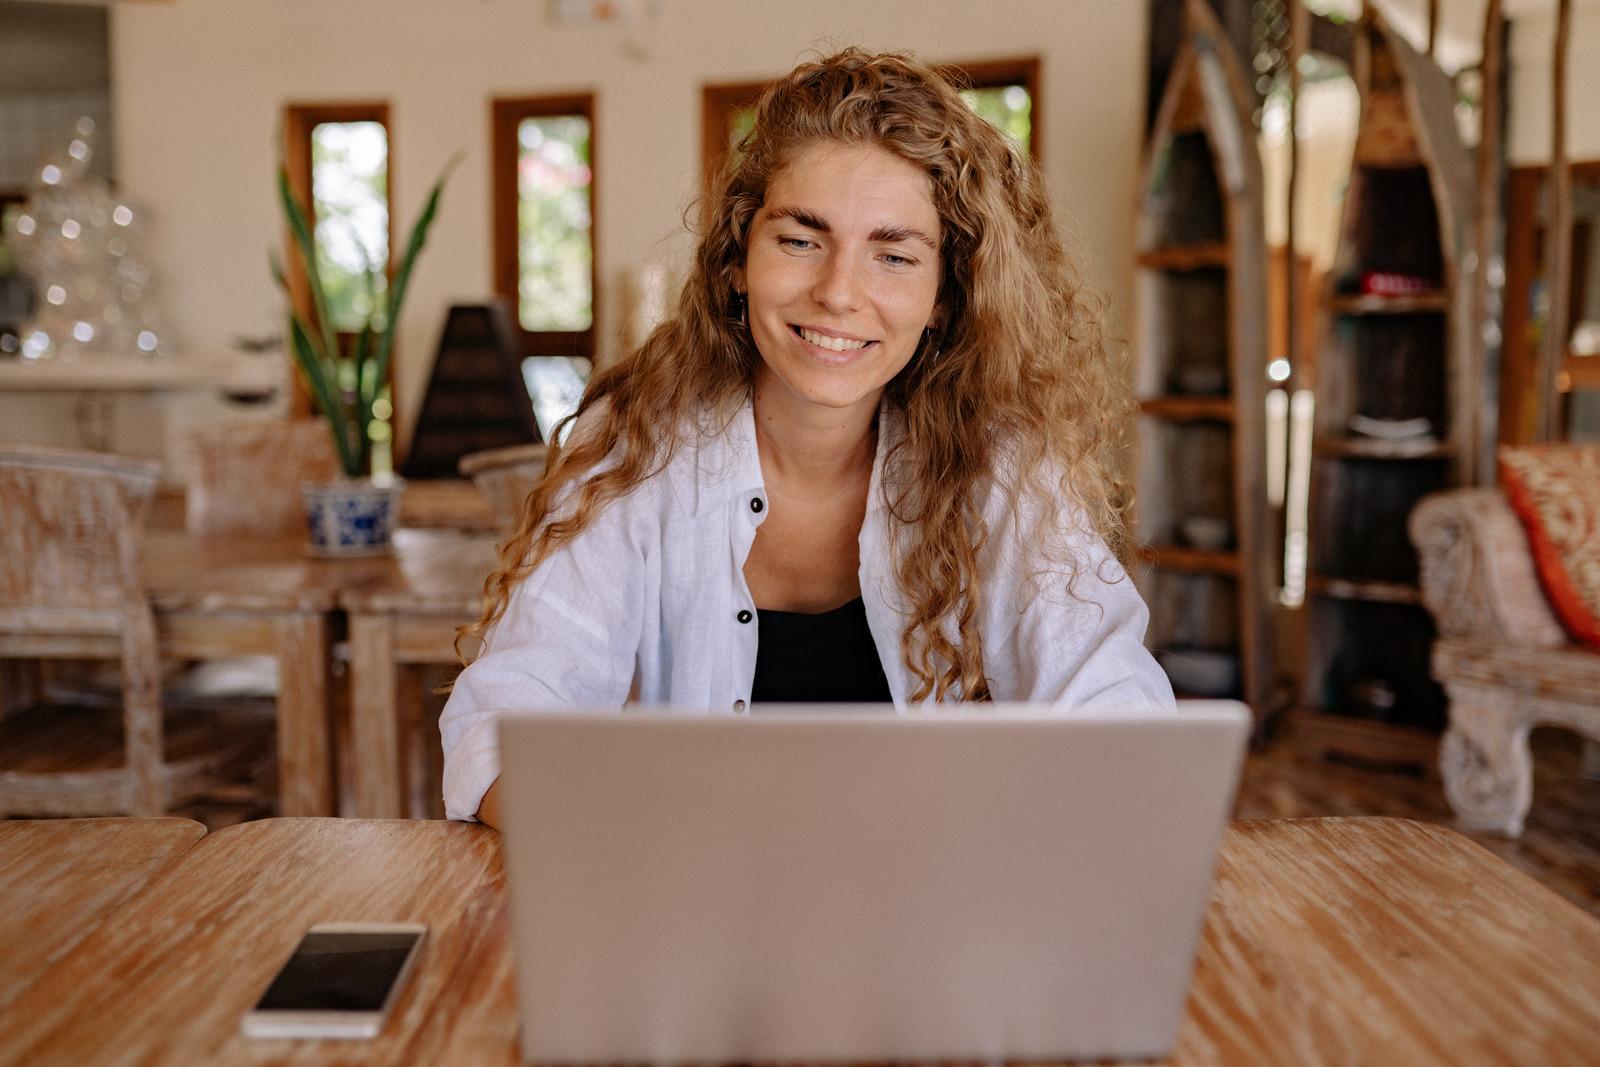 búsqueda de empleo en linkedin